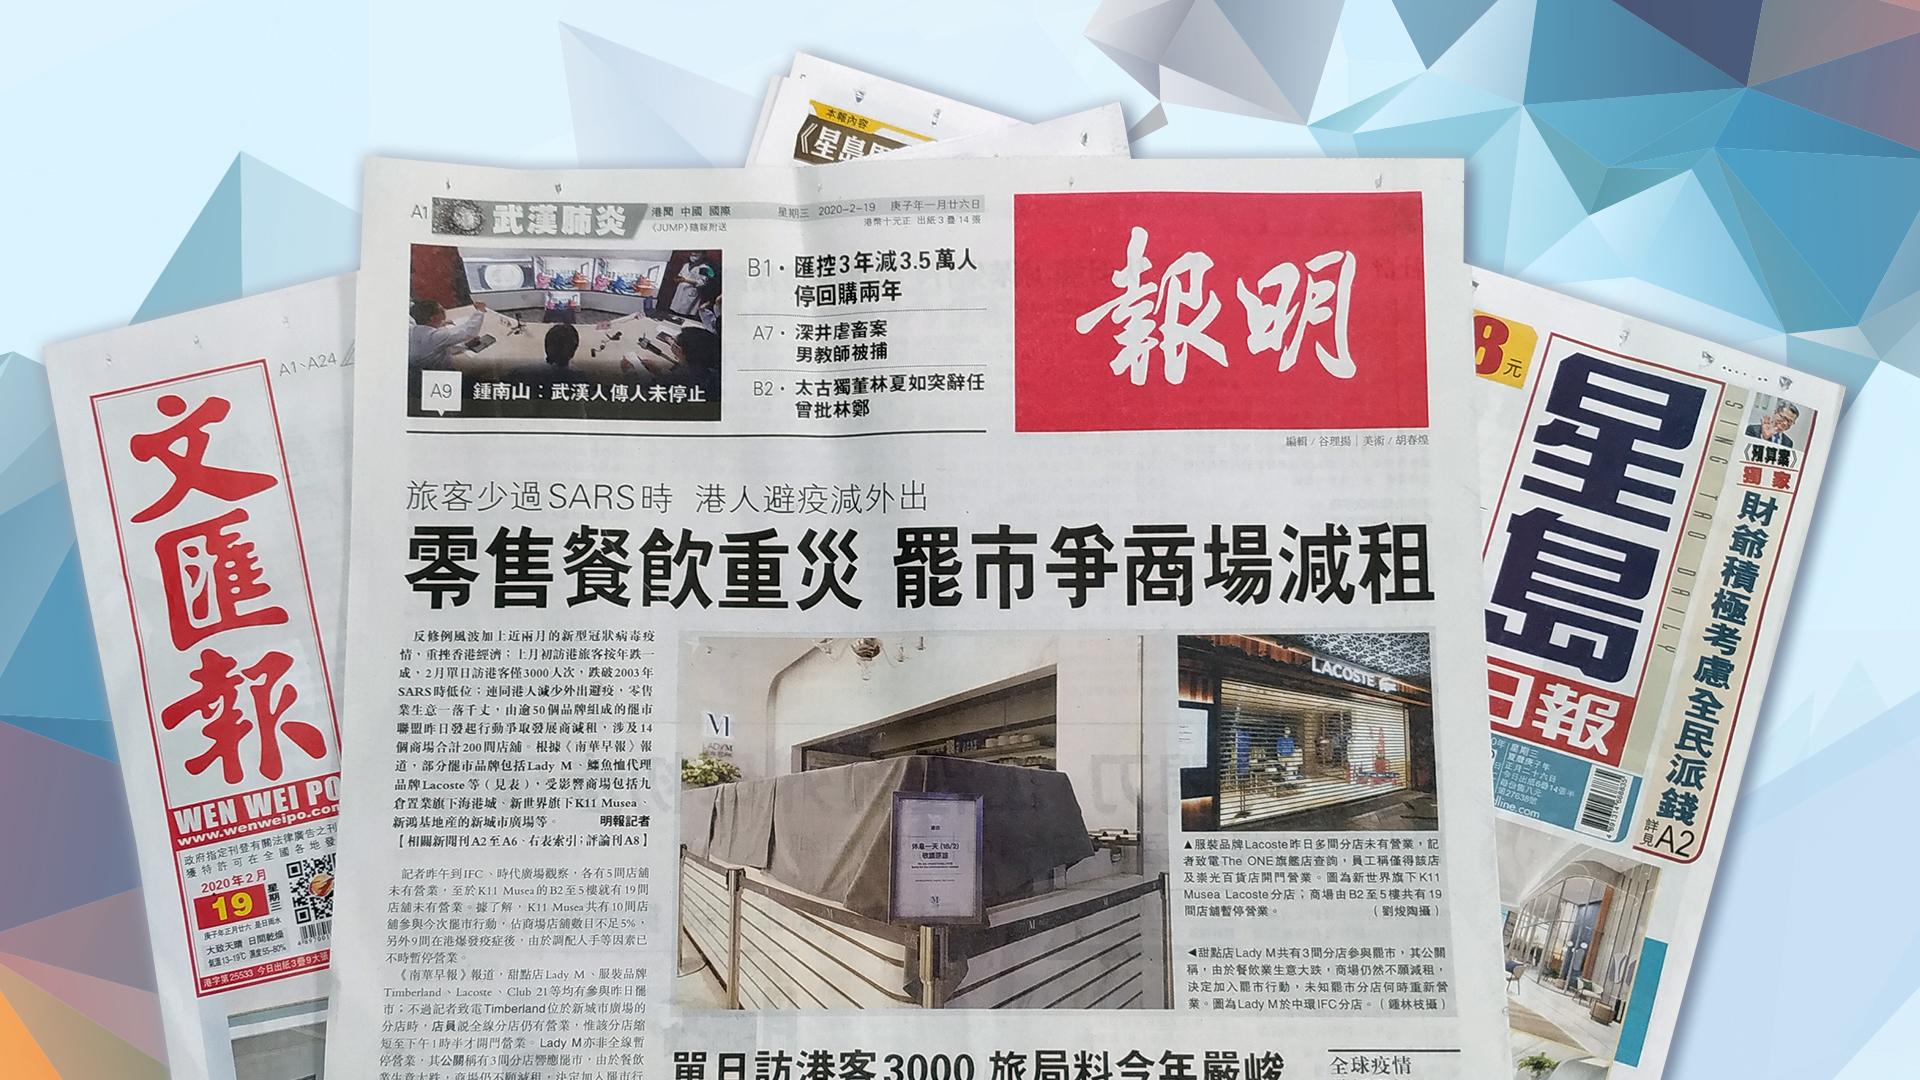 【報章A1速覽】旅客少過SARS時 零售餐飲重災 罷市爭商場減租;駿洋營備妥家俬迎「公主客」